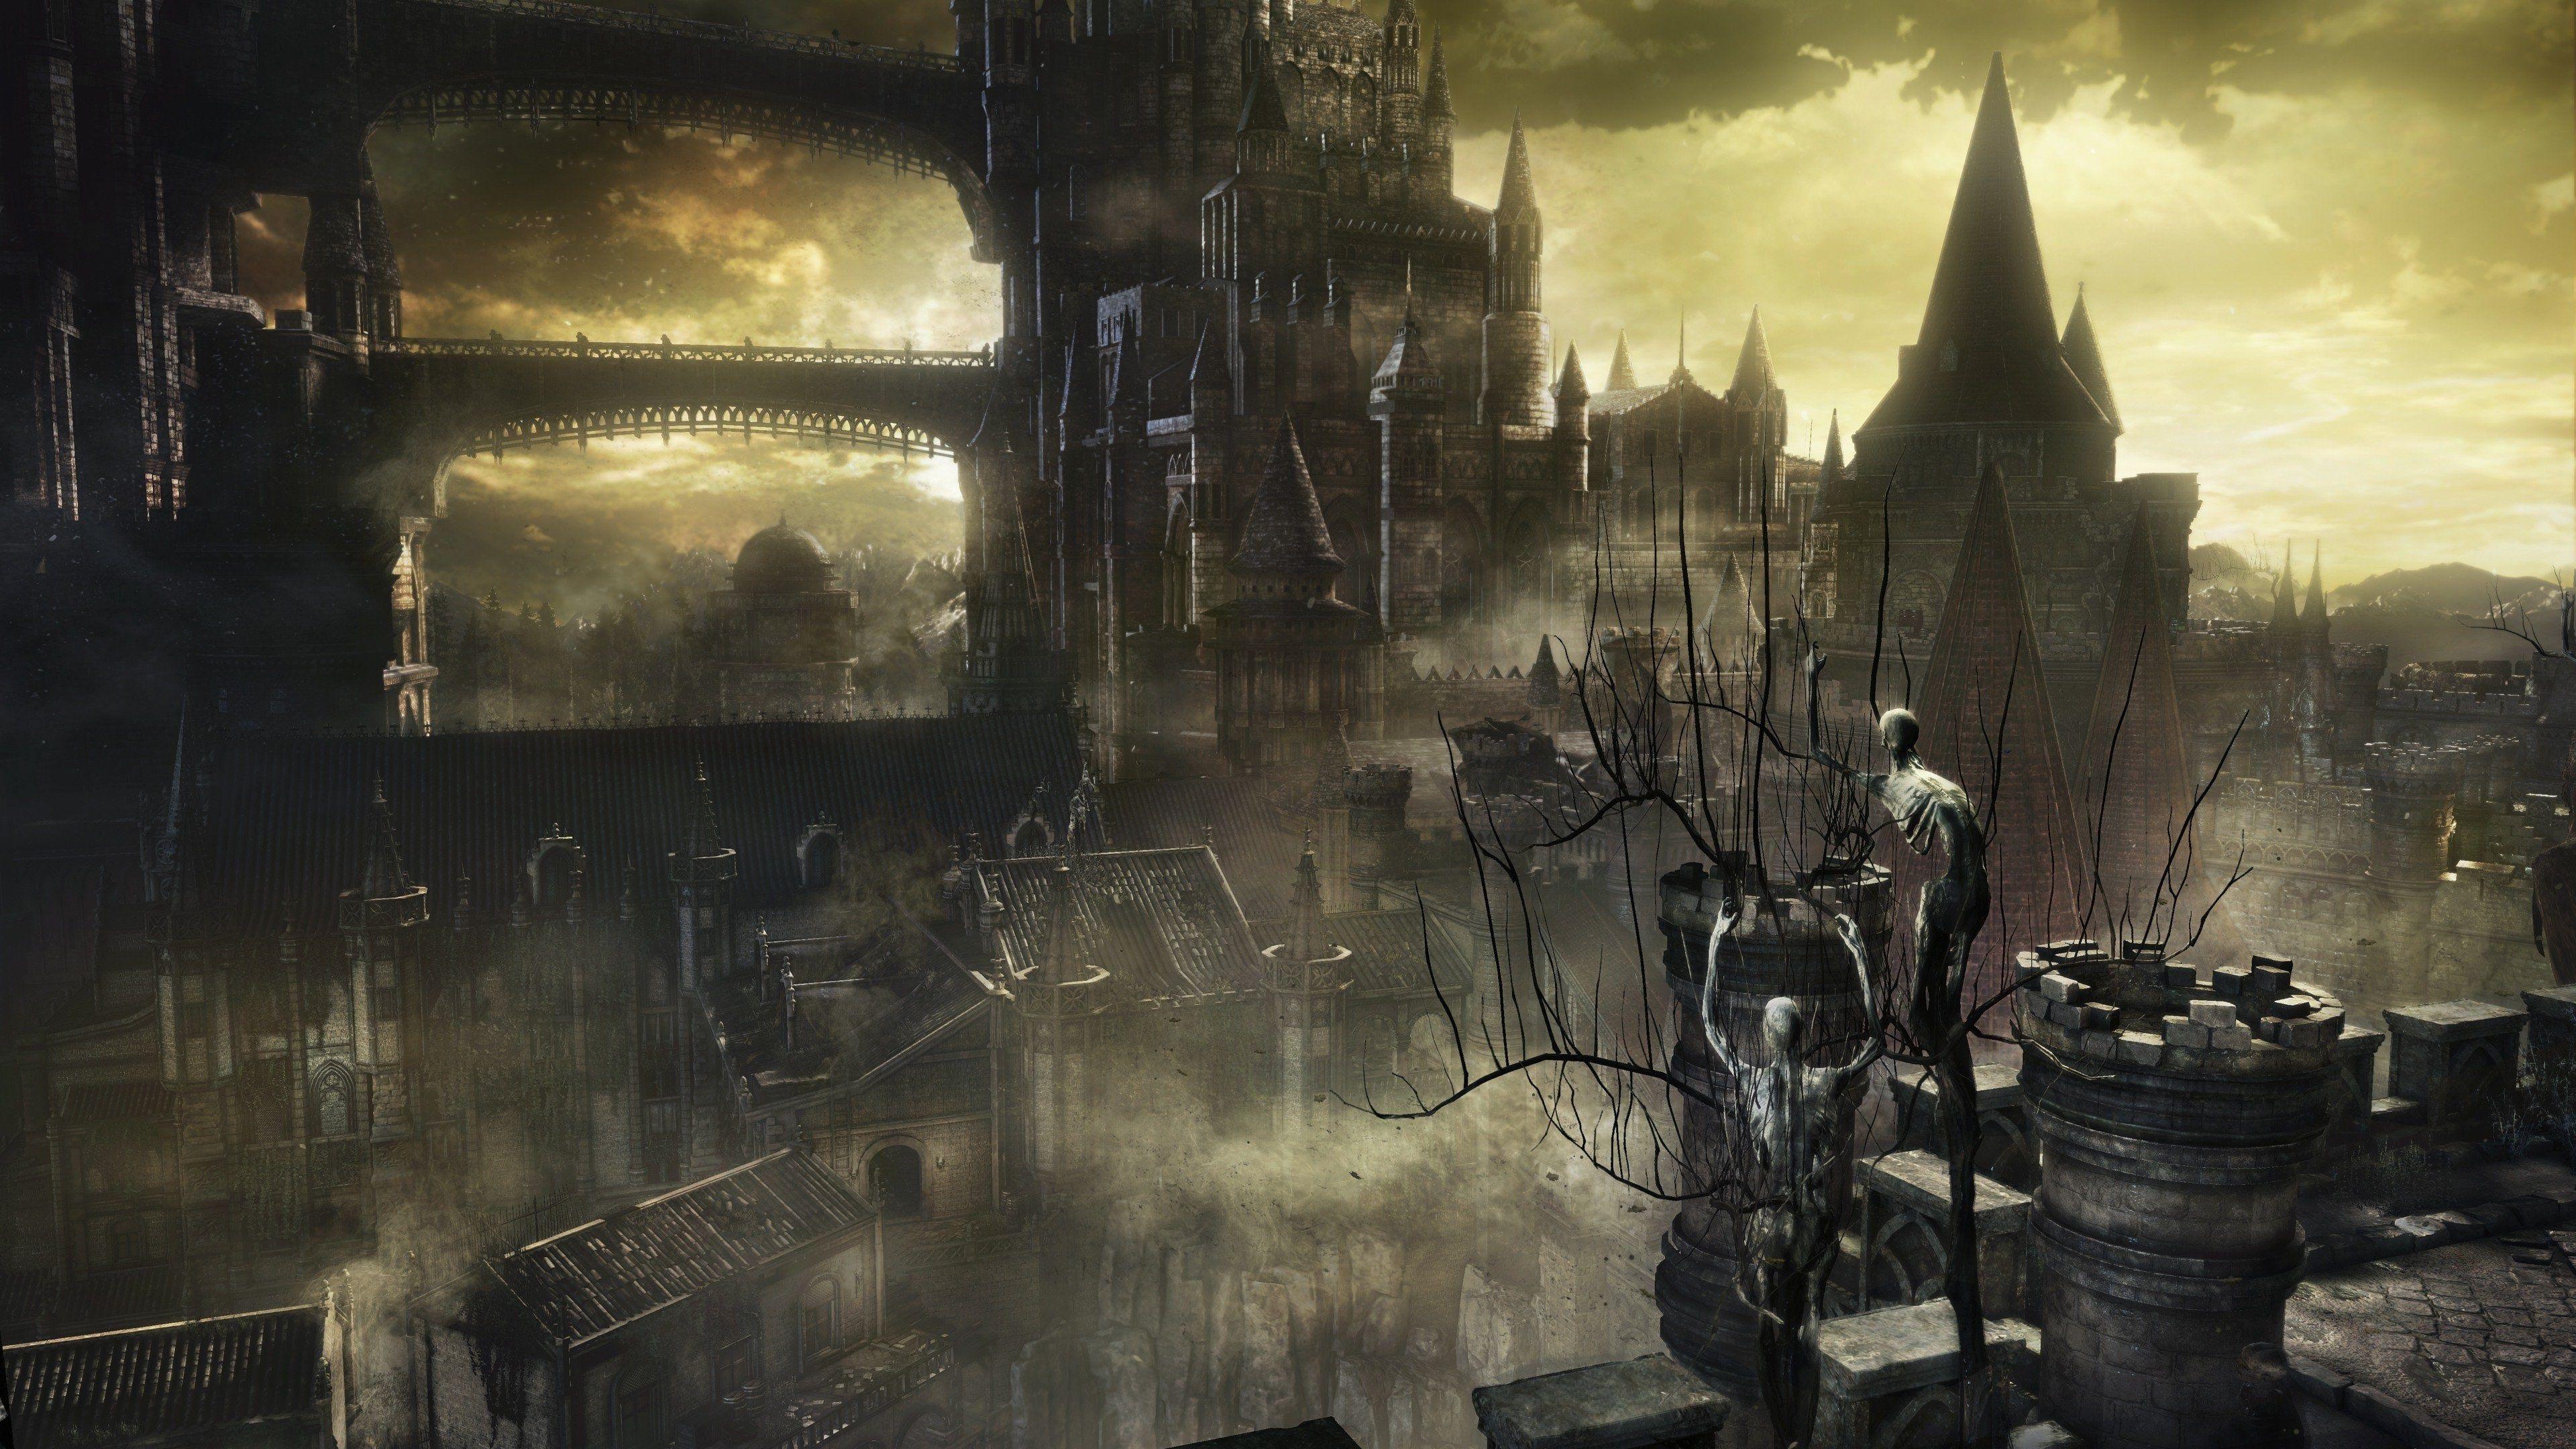 3840x2160 Dark Souls 3 4k Hd Wallpaper Backgrounds Free Dark Souls Dark Souls Game Dark Souls Wallpaper